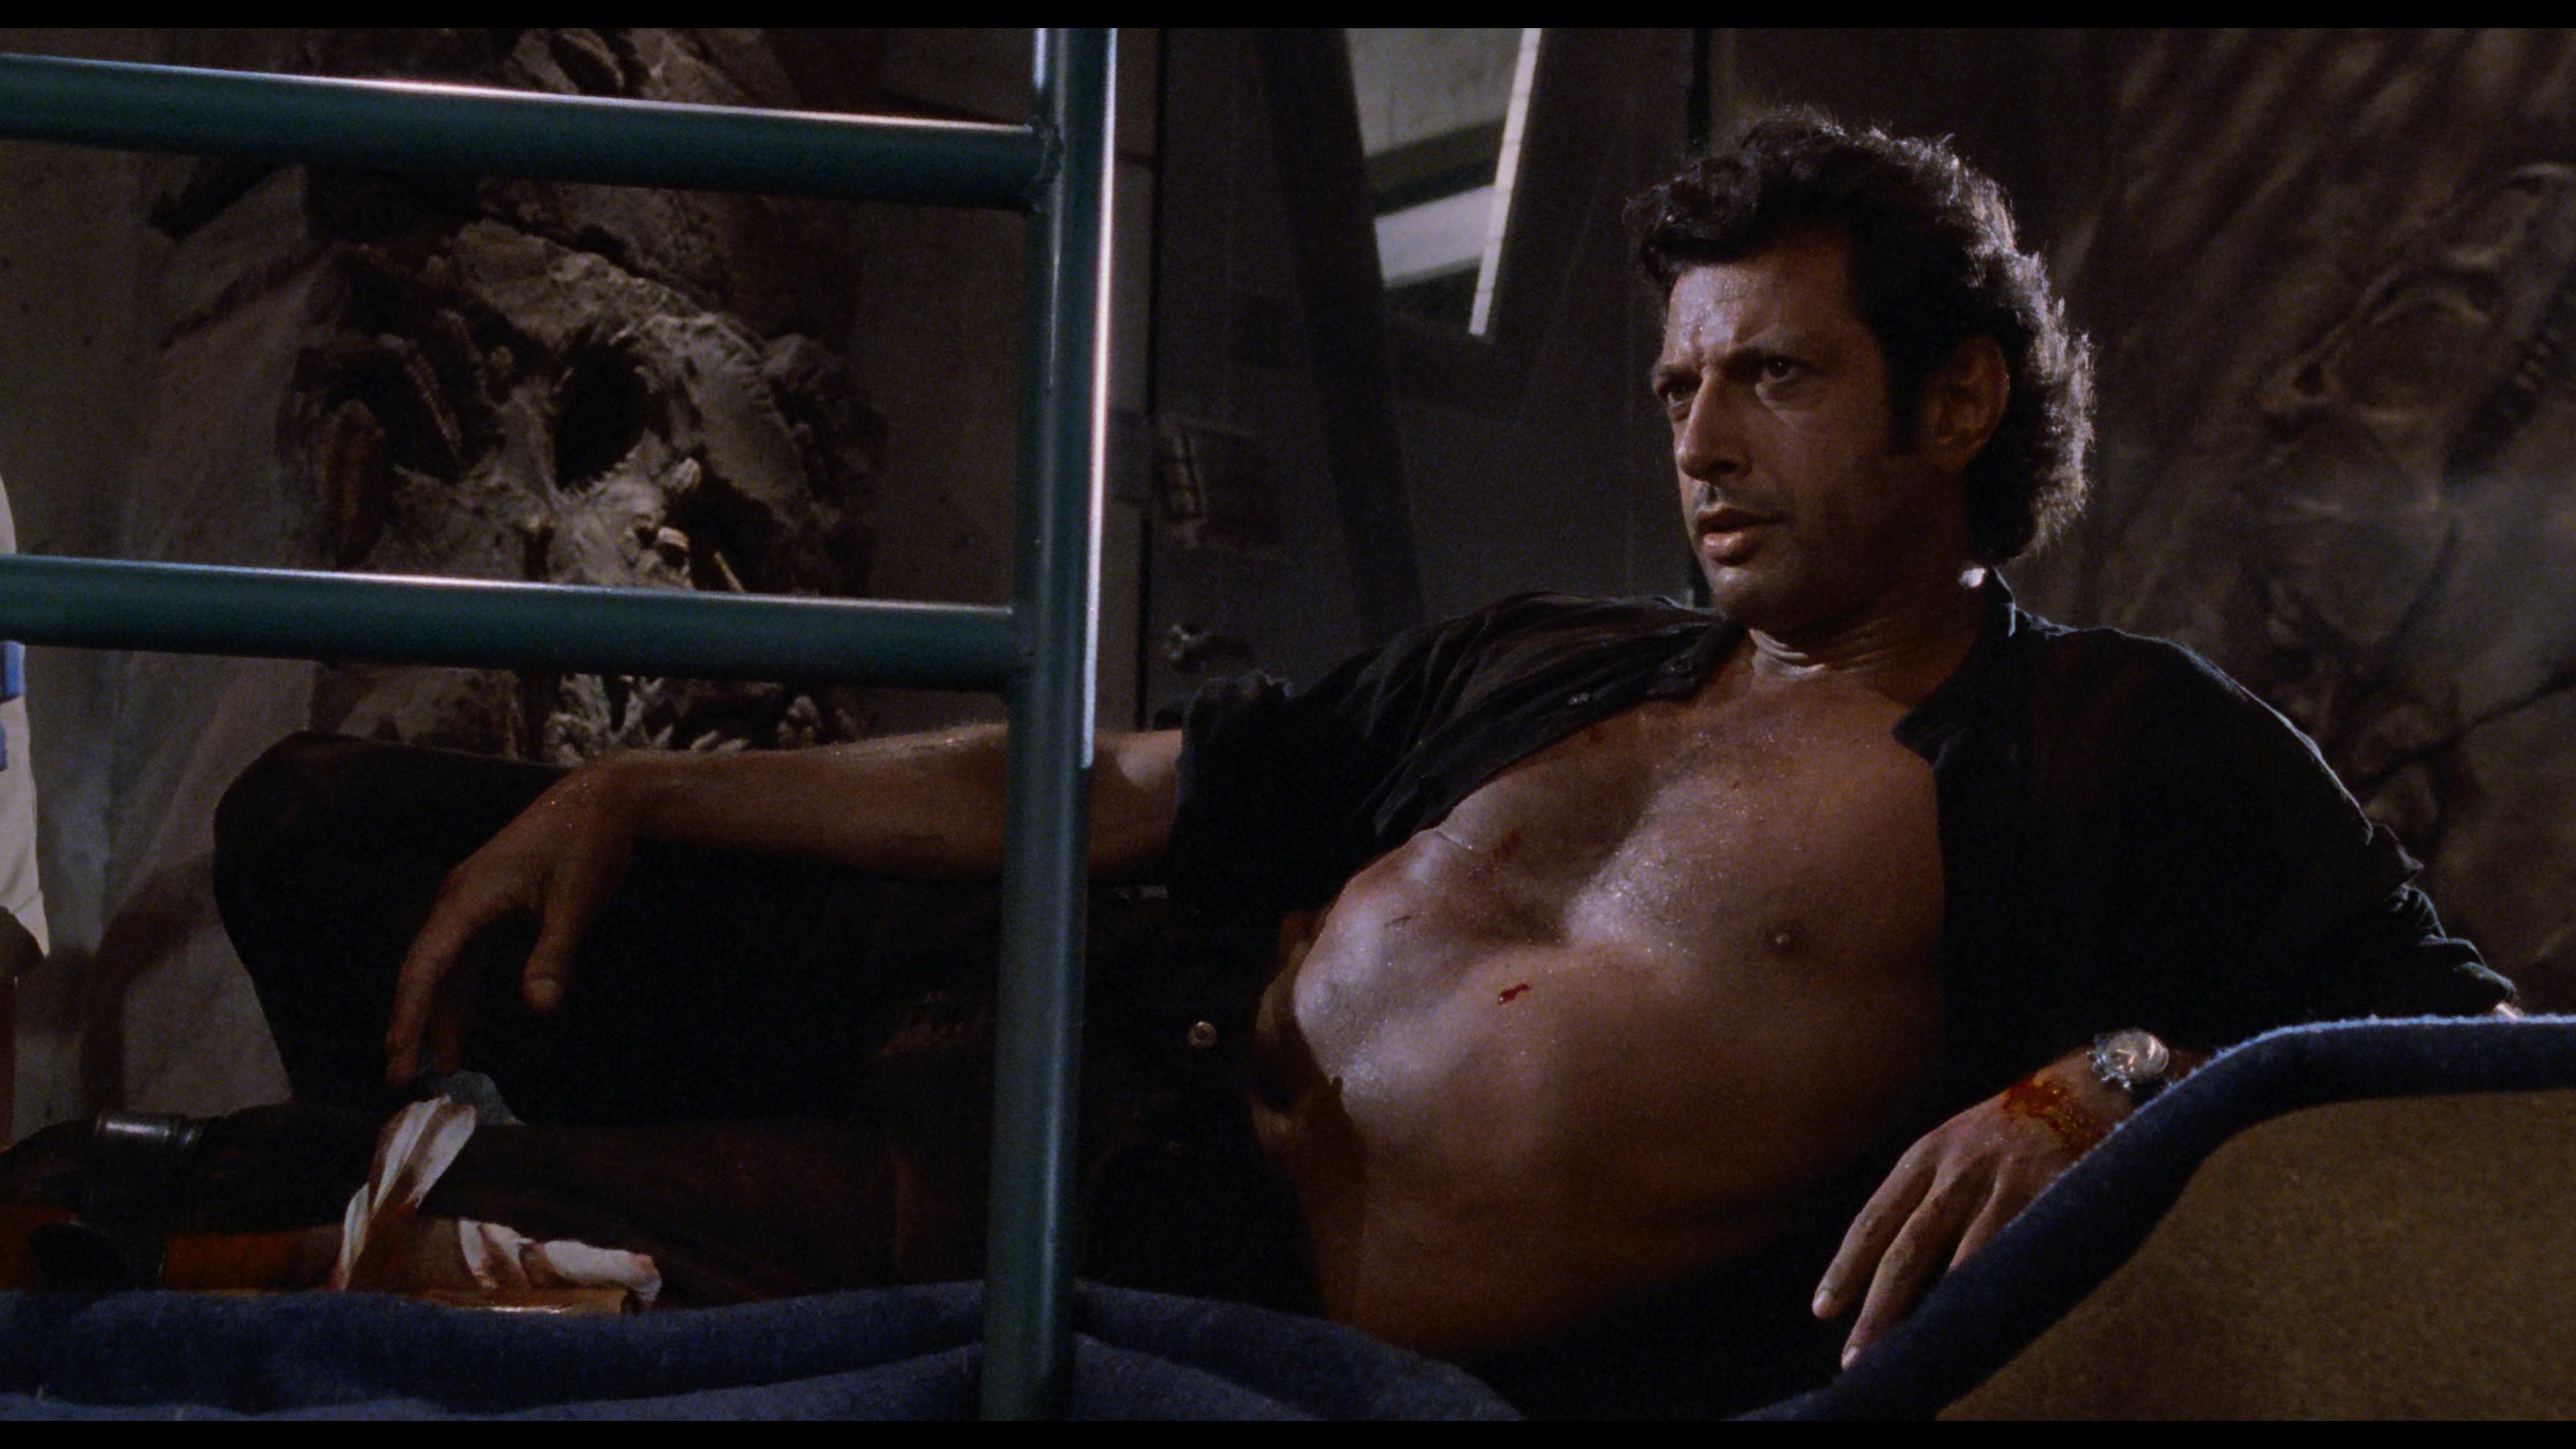 回忆杀!杰夫·高布伦重现《侏罗纪公园》肌肉照 第2张